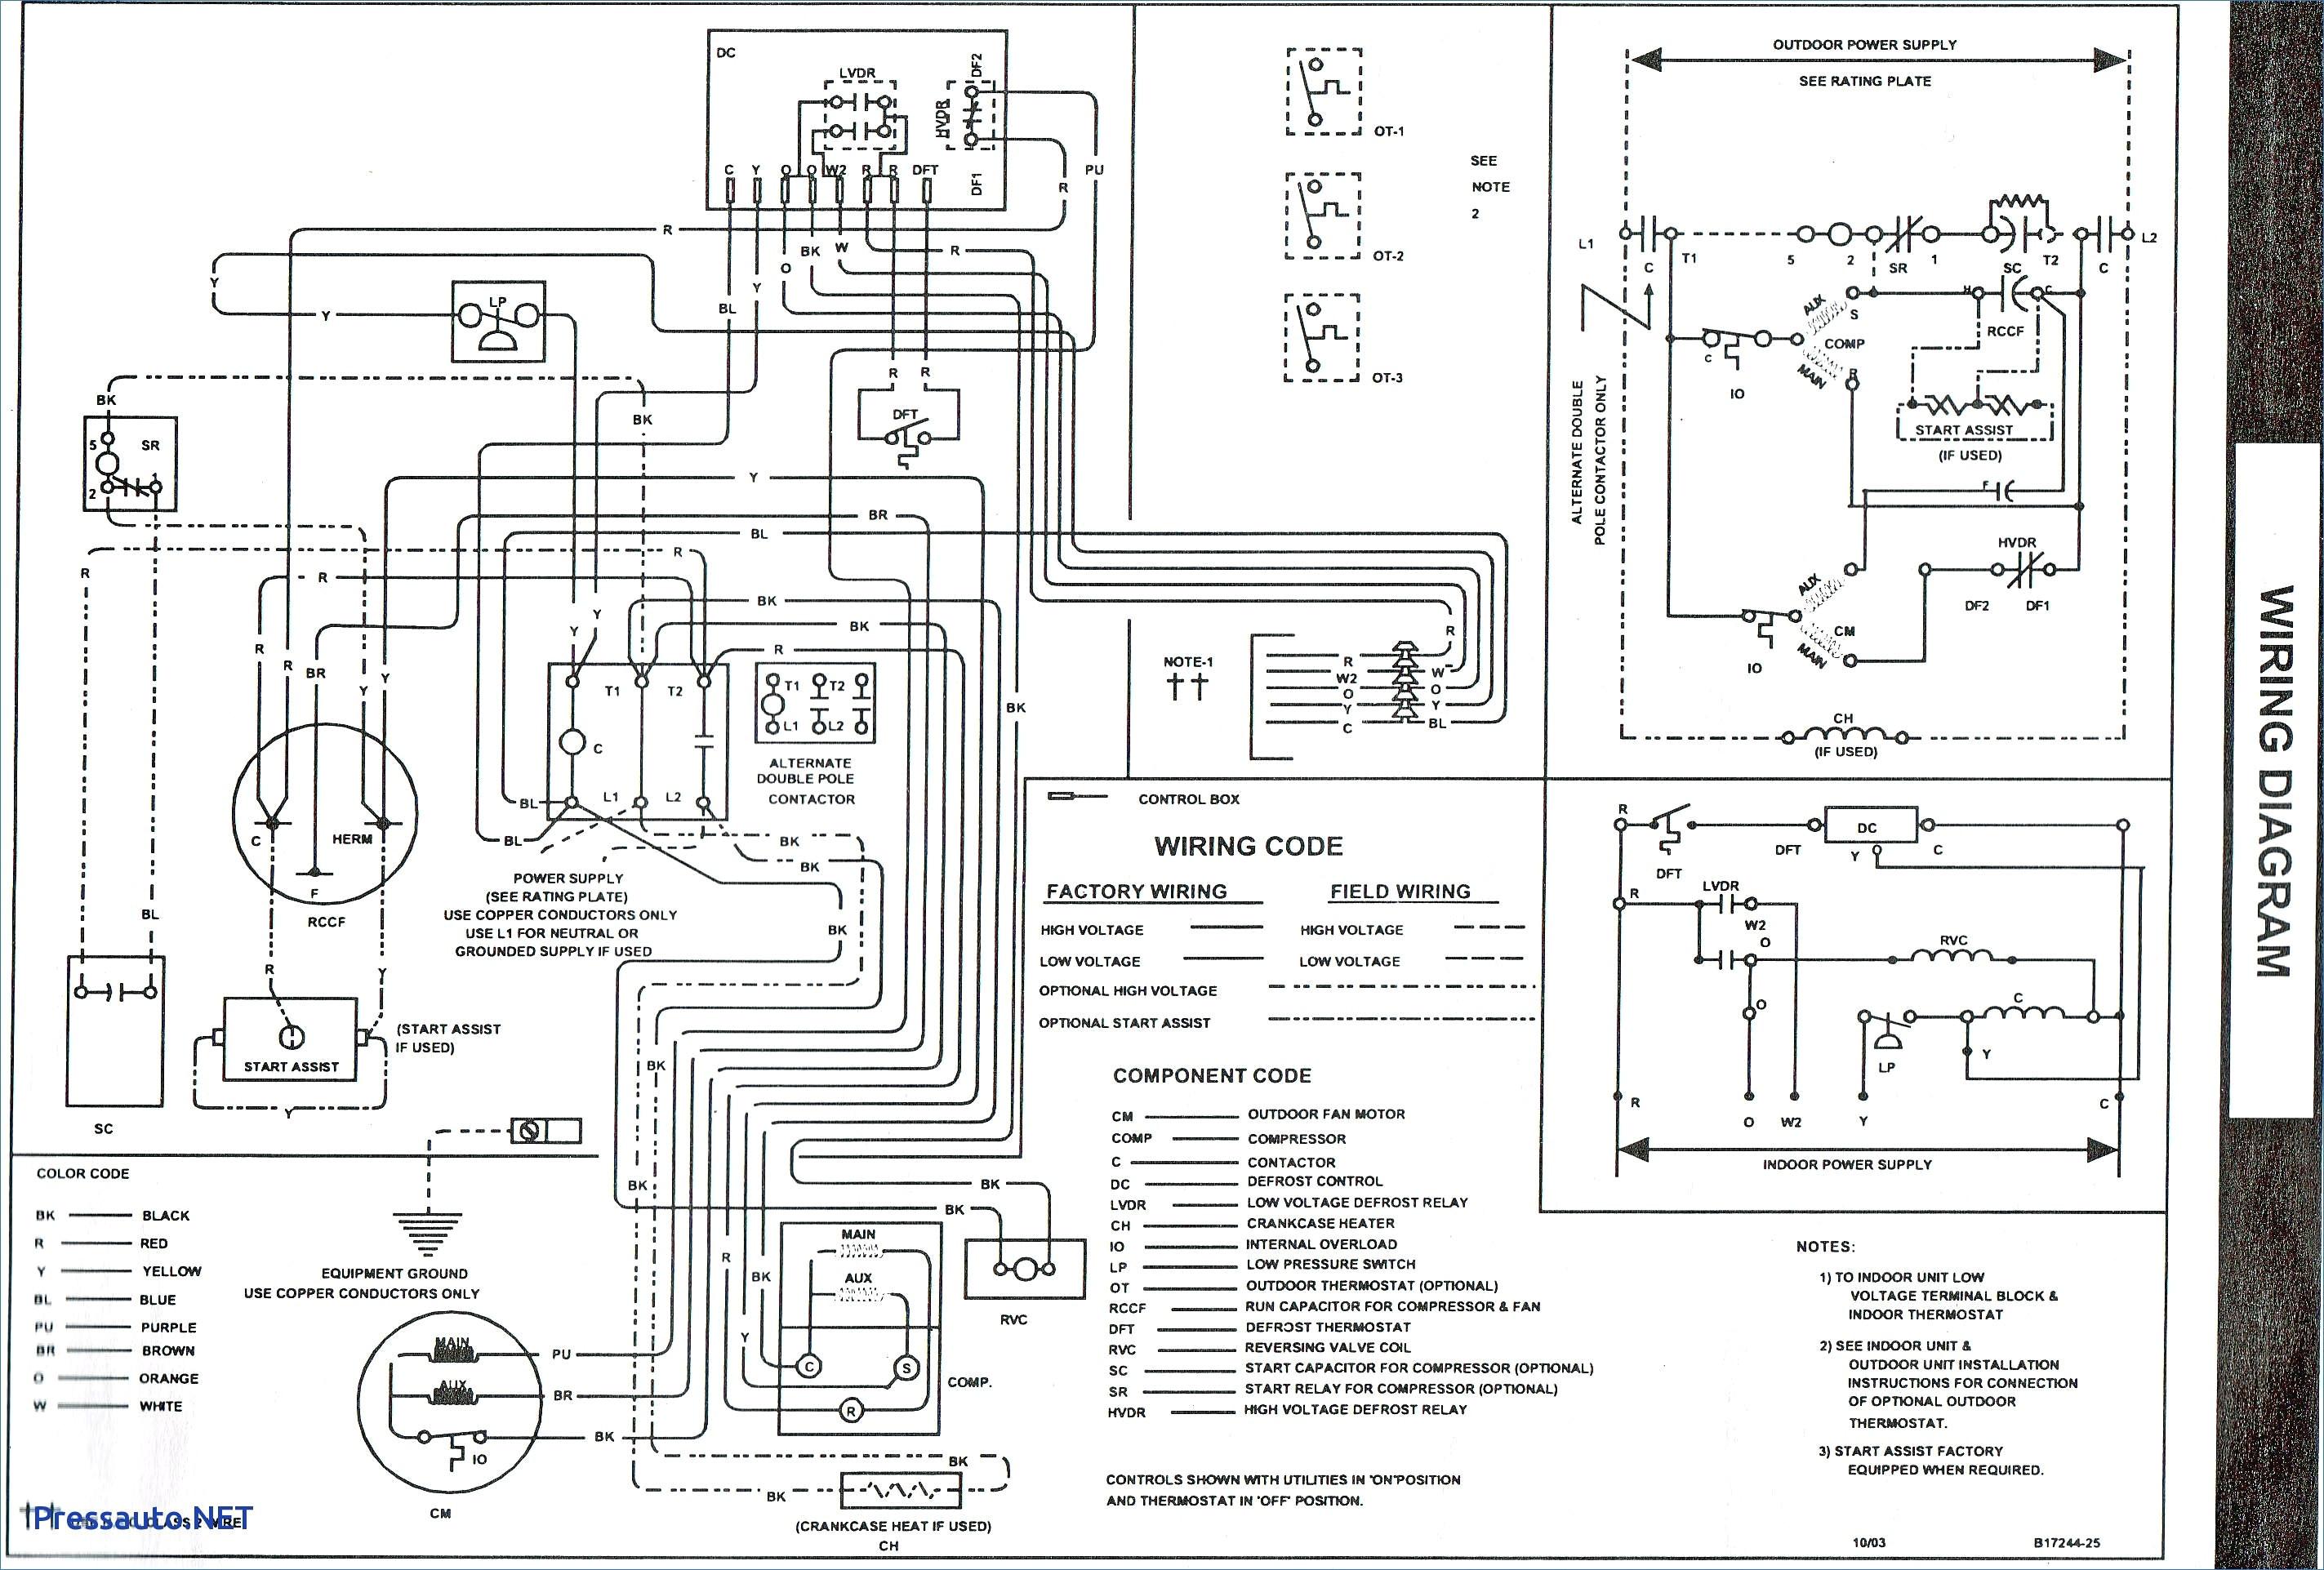 goodman hkr 10 wiring diagram collection wiring diagram sample goodman hkr-10 thermocouple wiring-diagram goodman hkr 10 wiring diagram download goodman furnace wiring diagram b2network co 2 t download wiring diagram sheets detail name goodman hkr 10